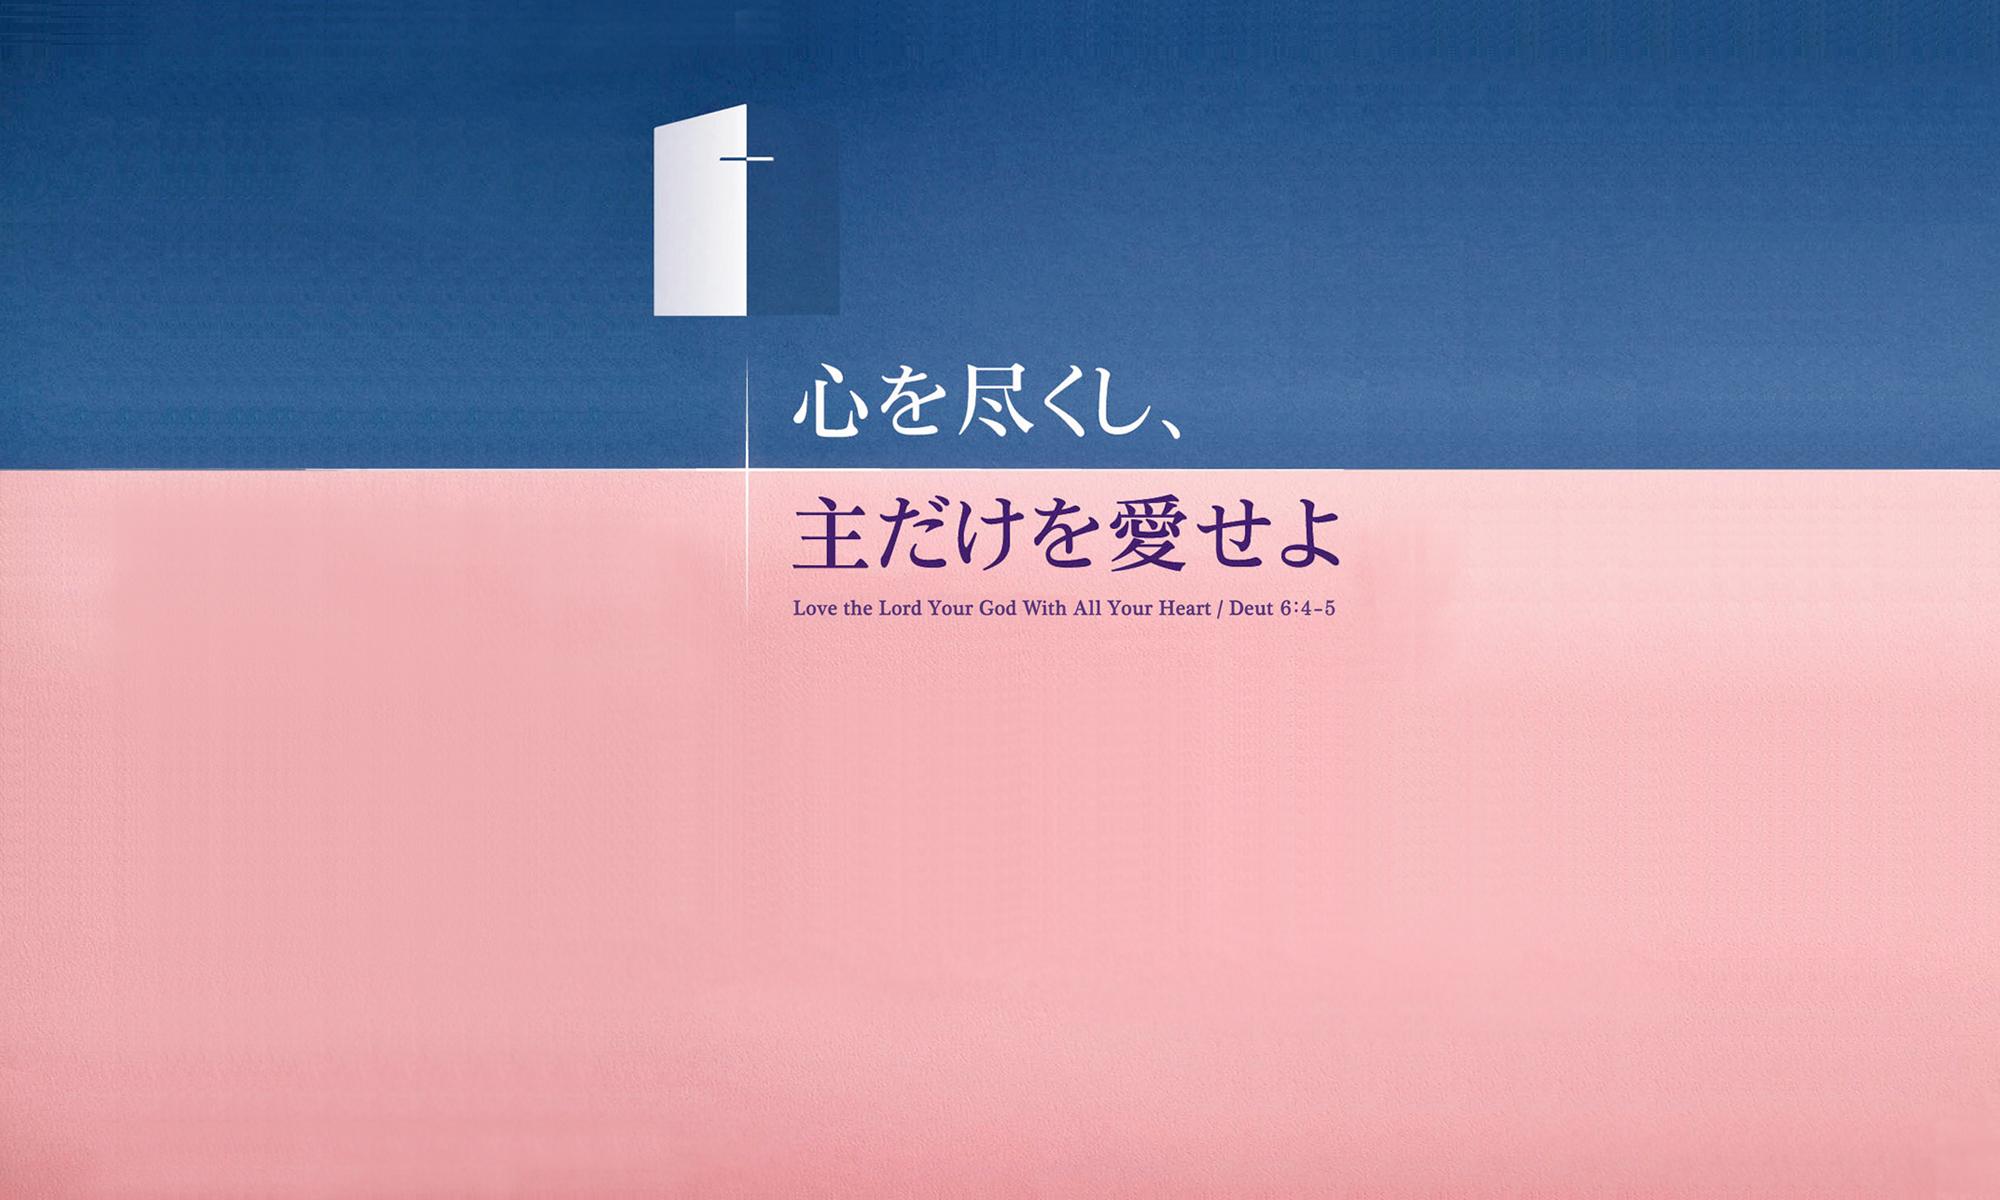 横浜オンヌリキリスト教会